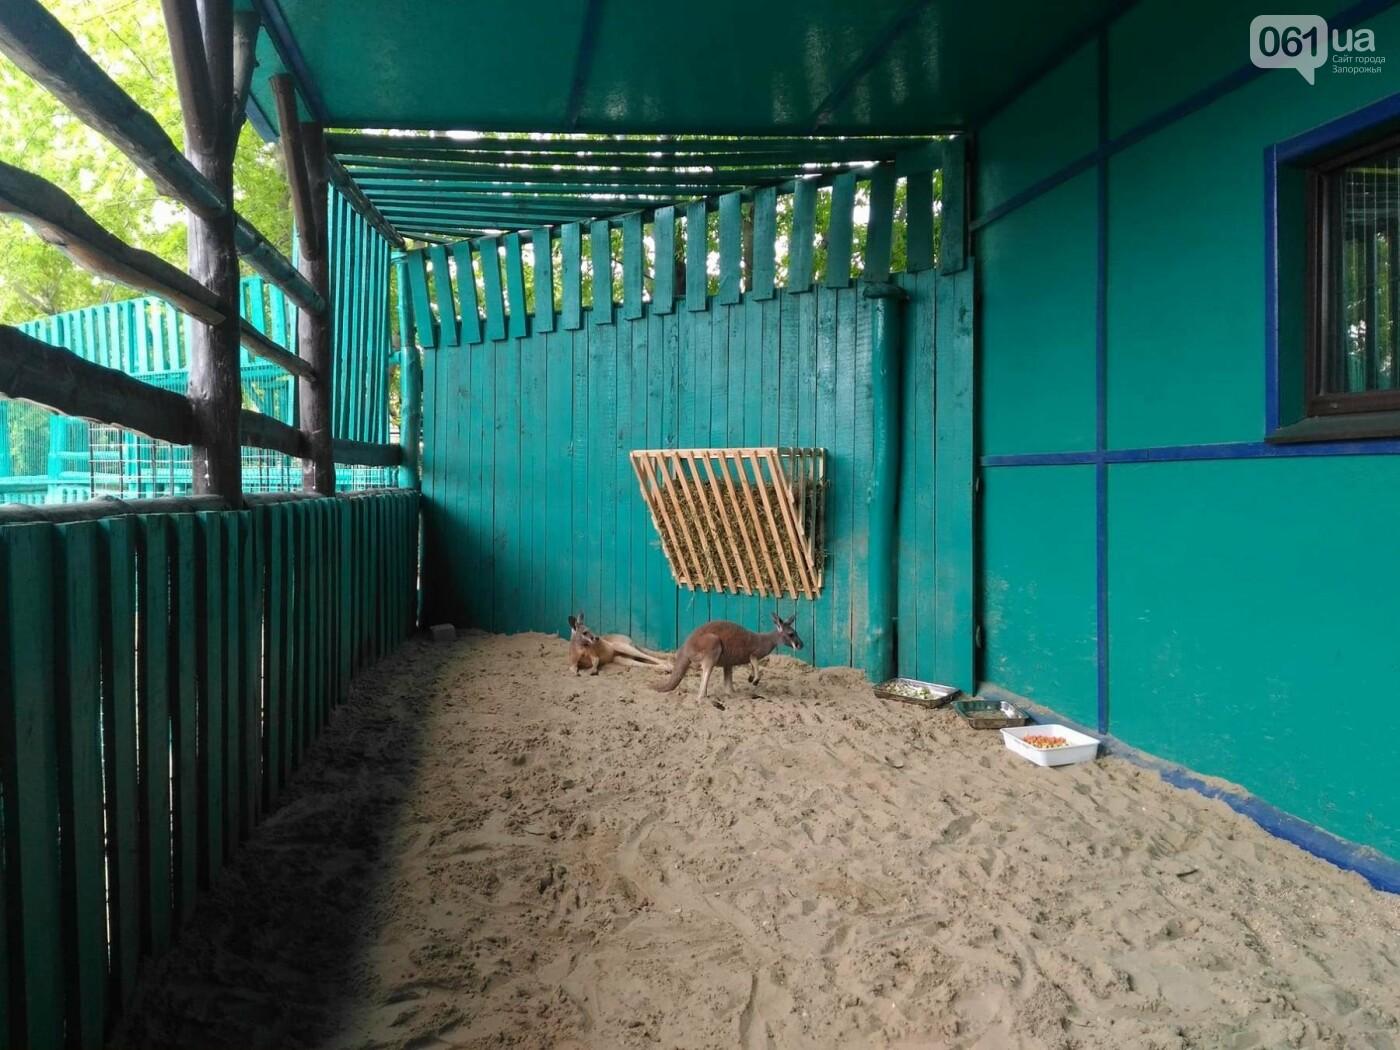 В бердянском зоопарке появились кенгуру, - ФОТО, ВИДЕО, фото-1